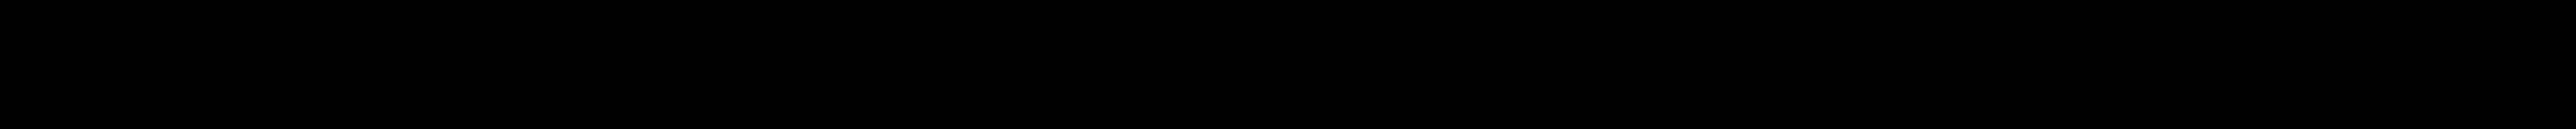 Logo Kungliga Djurgården - En av världens vackraste stadsparker. - @kungligadjurgarden - kungligadjurgården.com